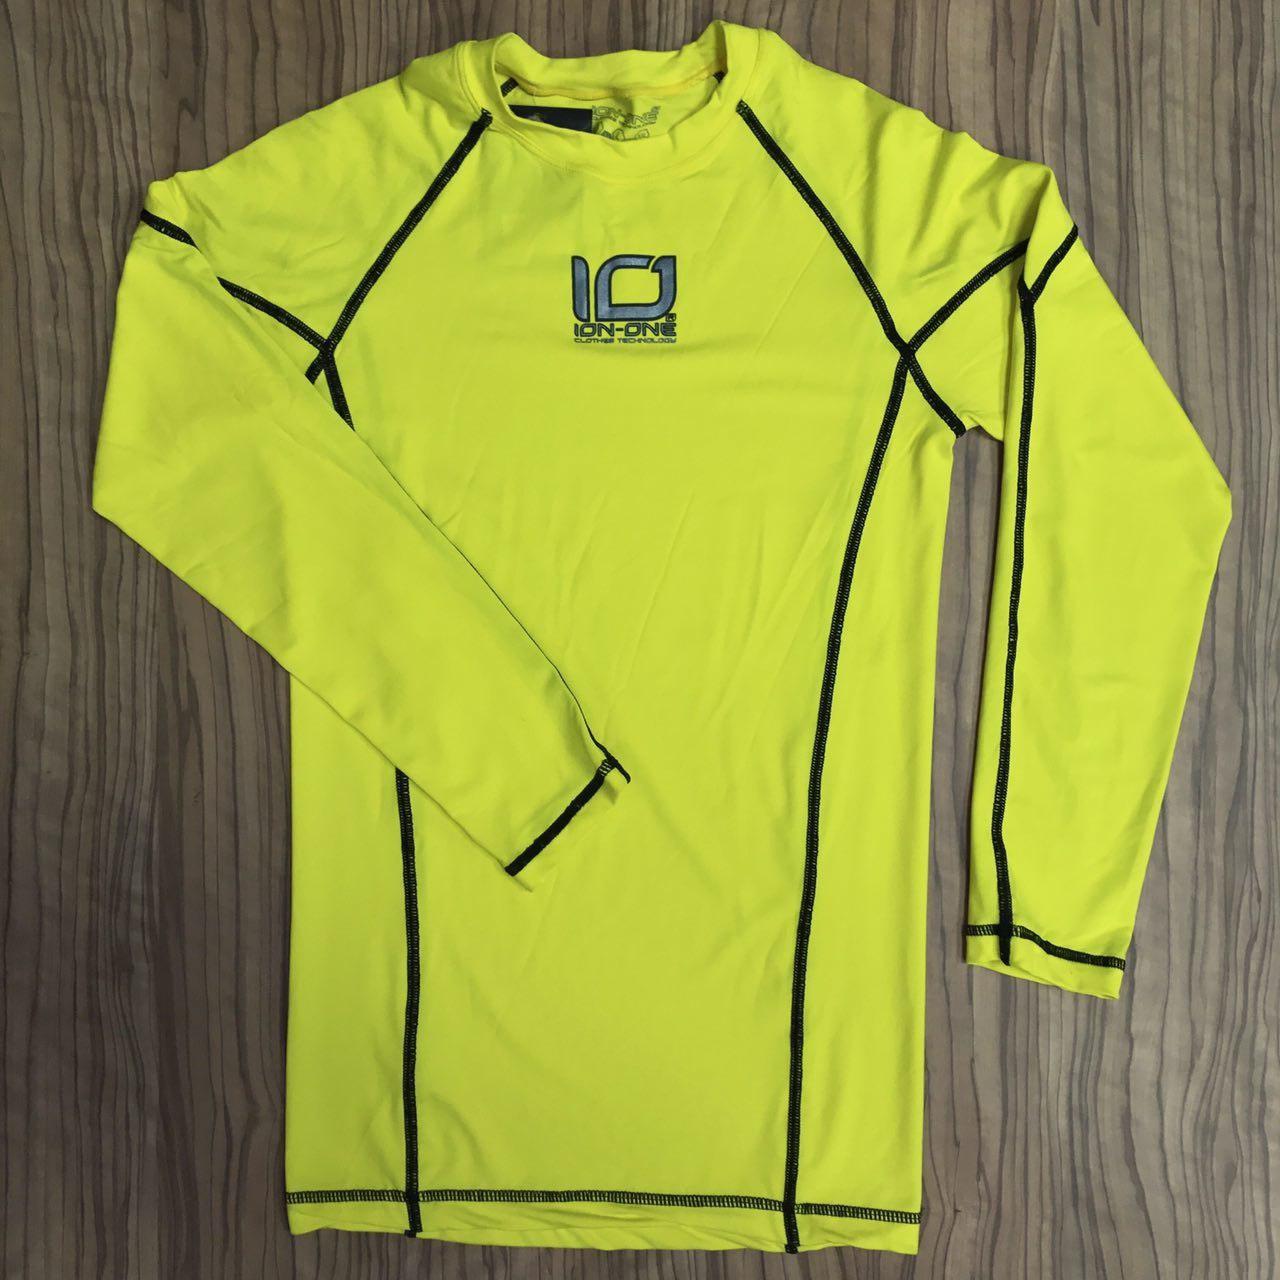 Camiseta Bioceramicas Ion One Amarillo Ref: 521